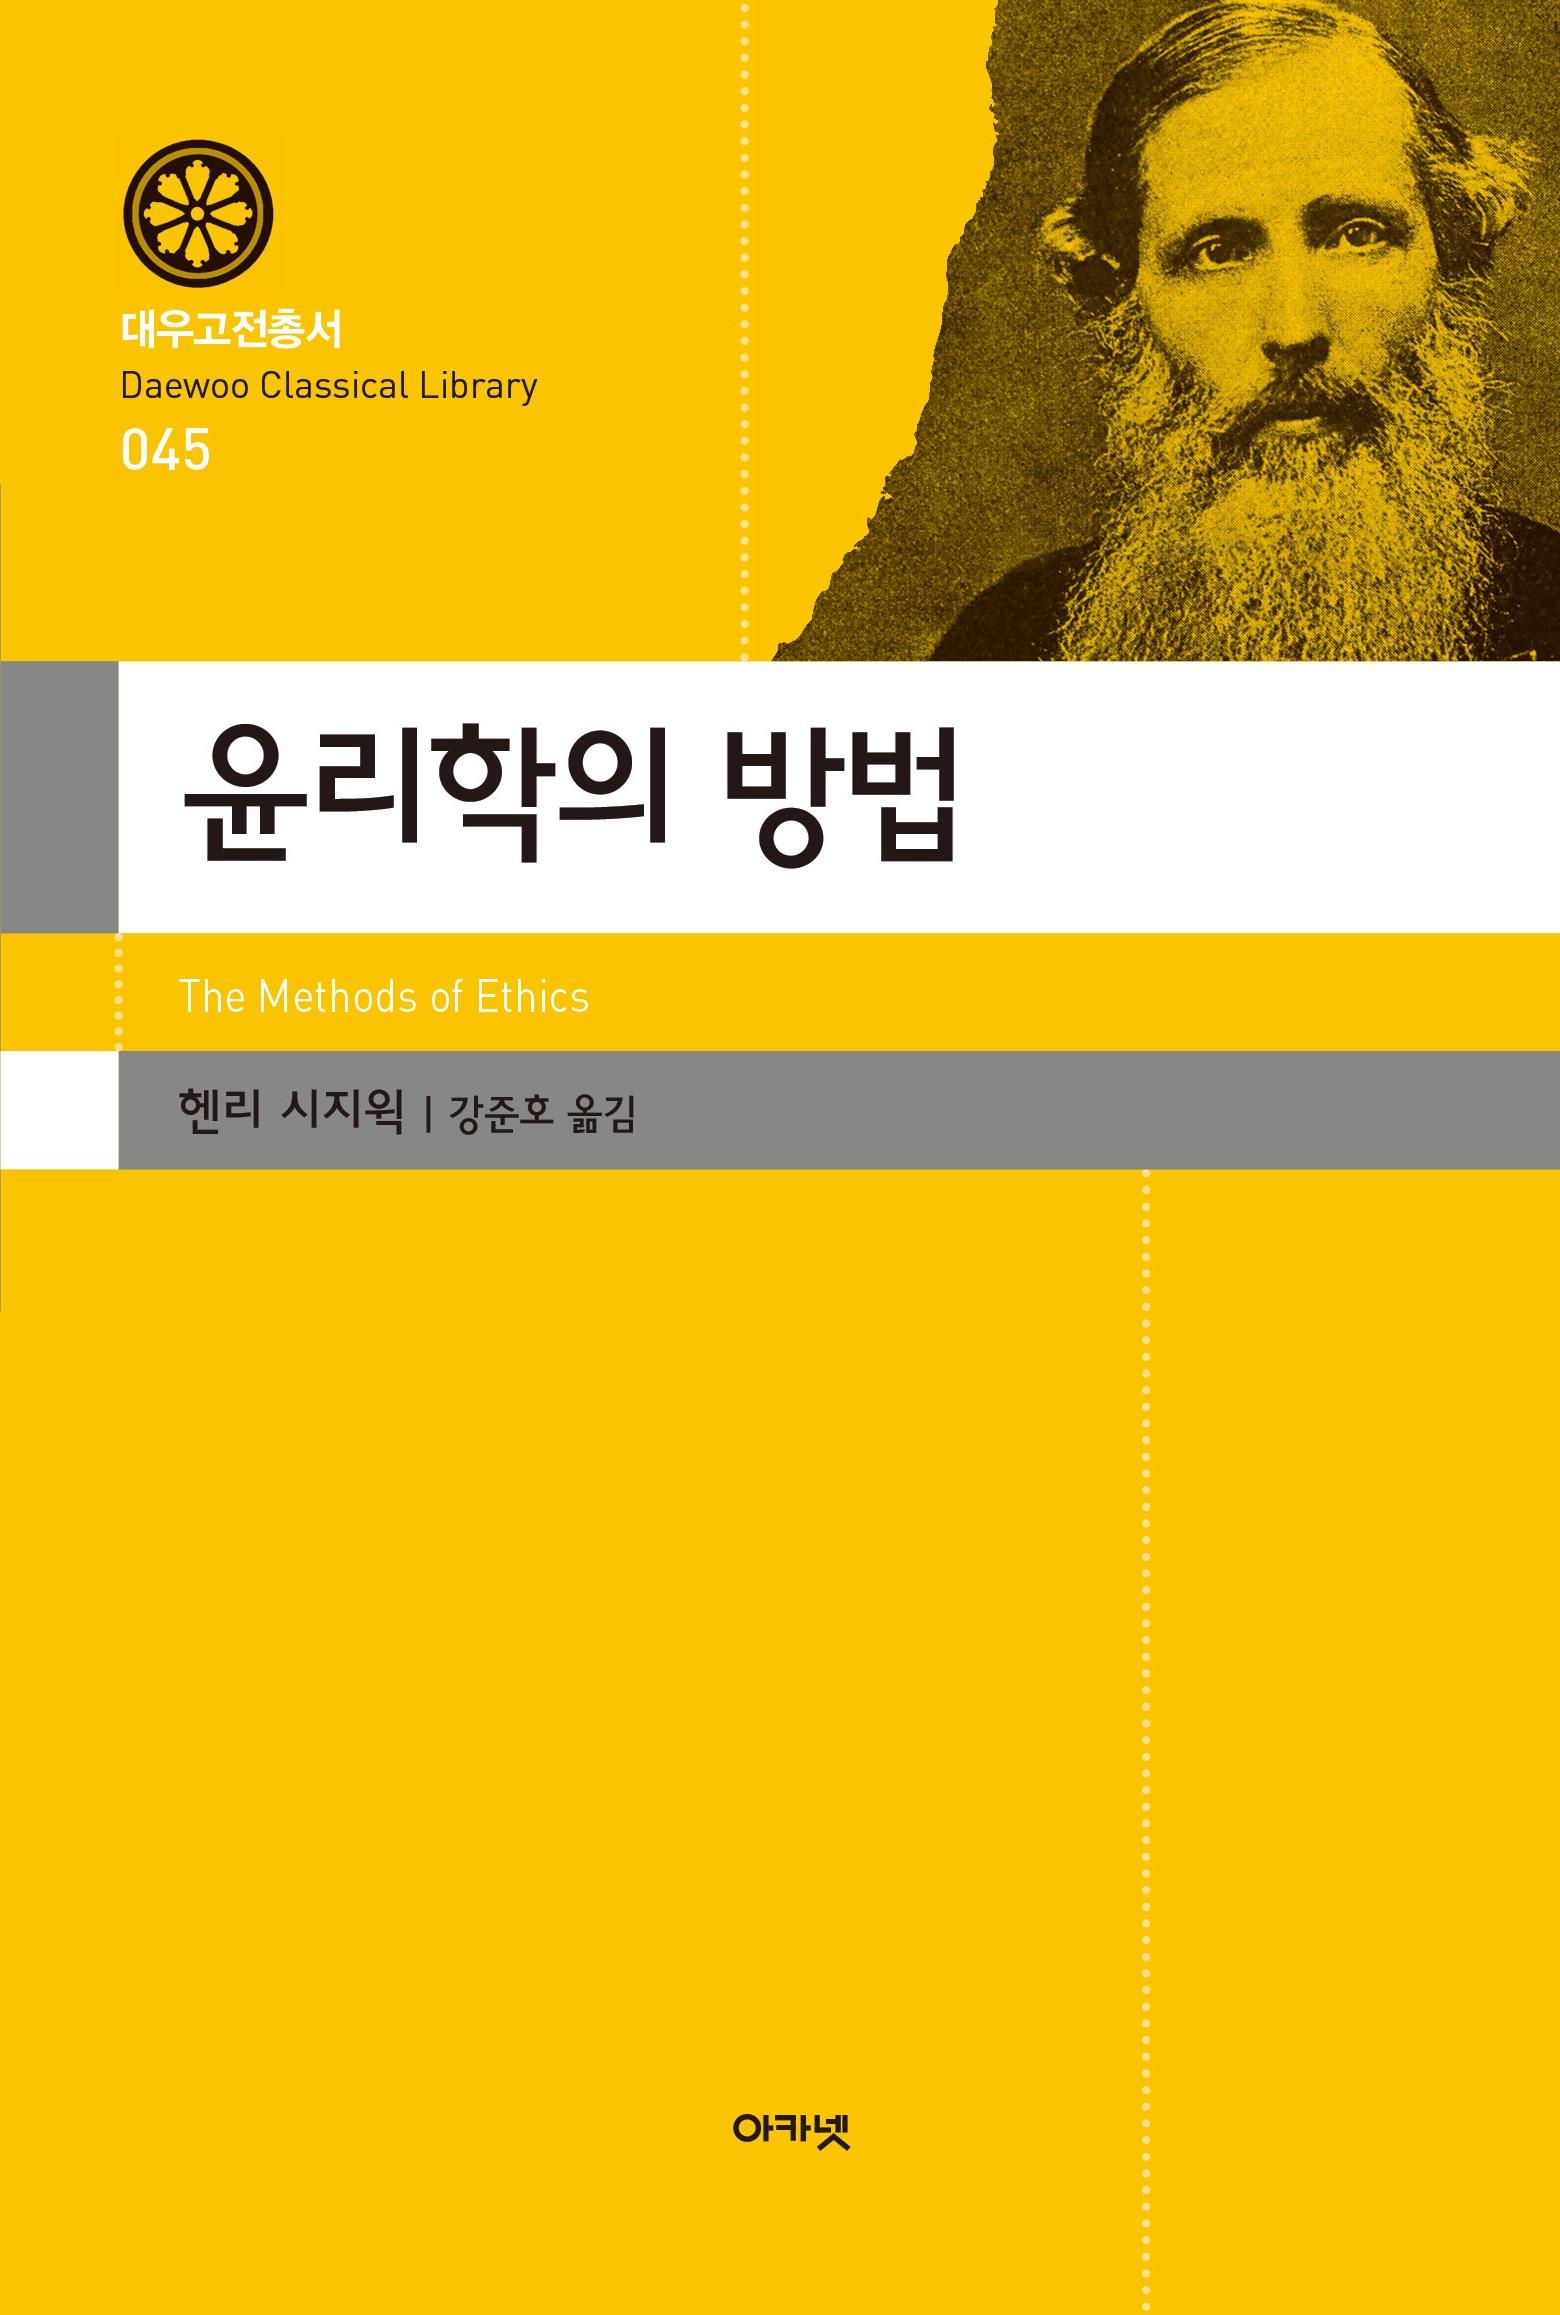 대우재단 대우고전총서 제45권 윤리학의 방법 written by 강준호 and published by 아카넷 in 2018